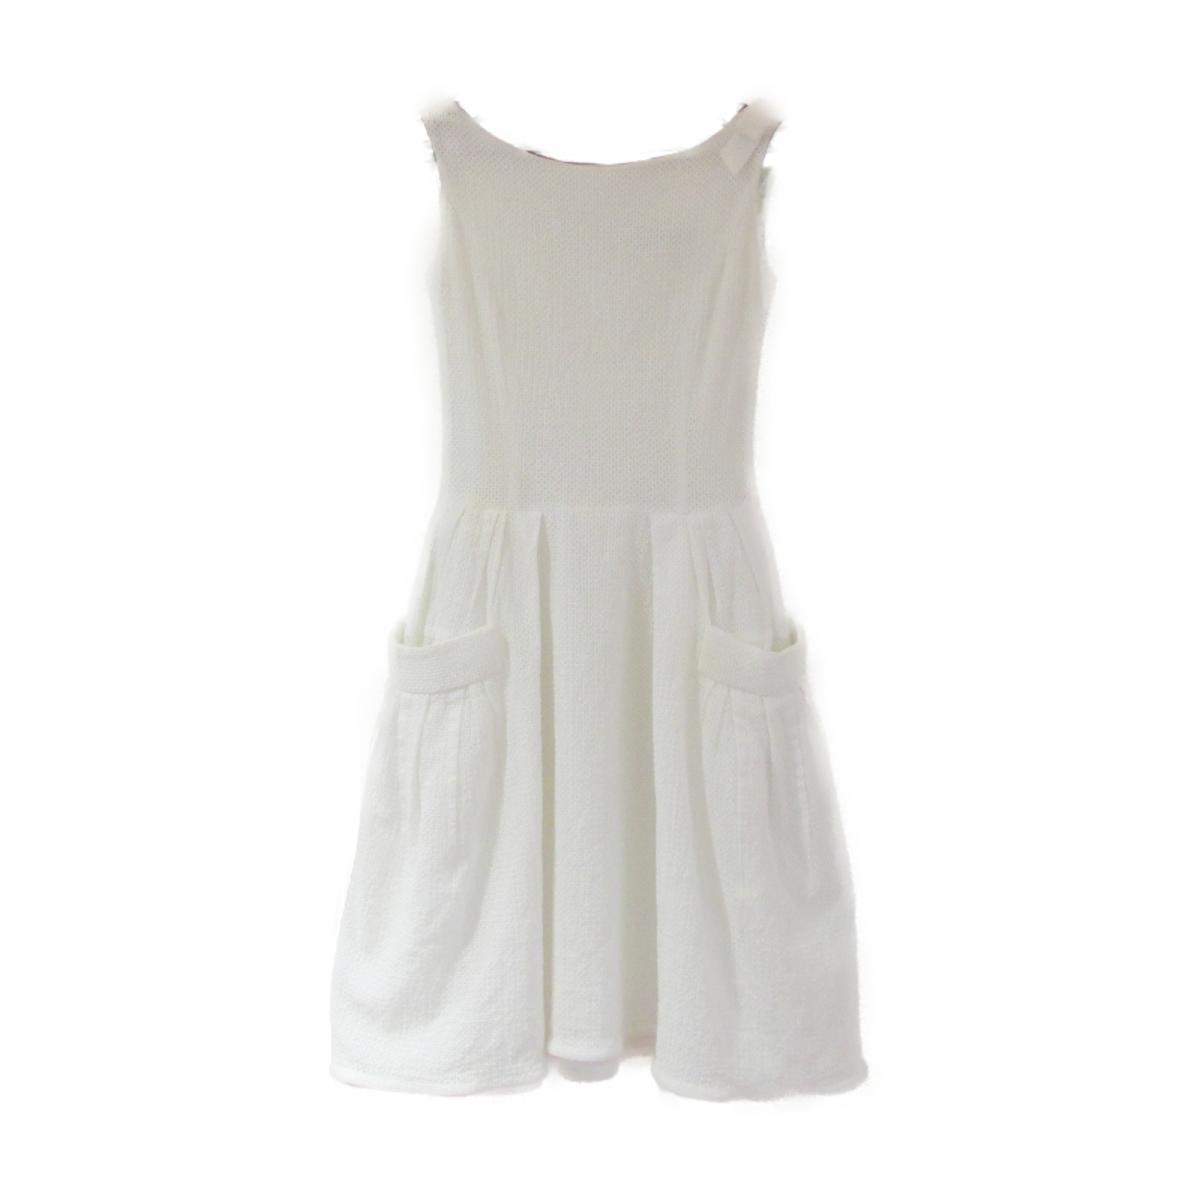 【中古】 フォクシー ワンピース メンズ レディース コットン100% ホワイト | FOXEY BRANDOFF ブランドオフ 衣料品 衣類 ブランド